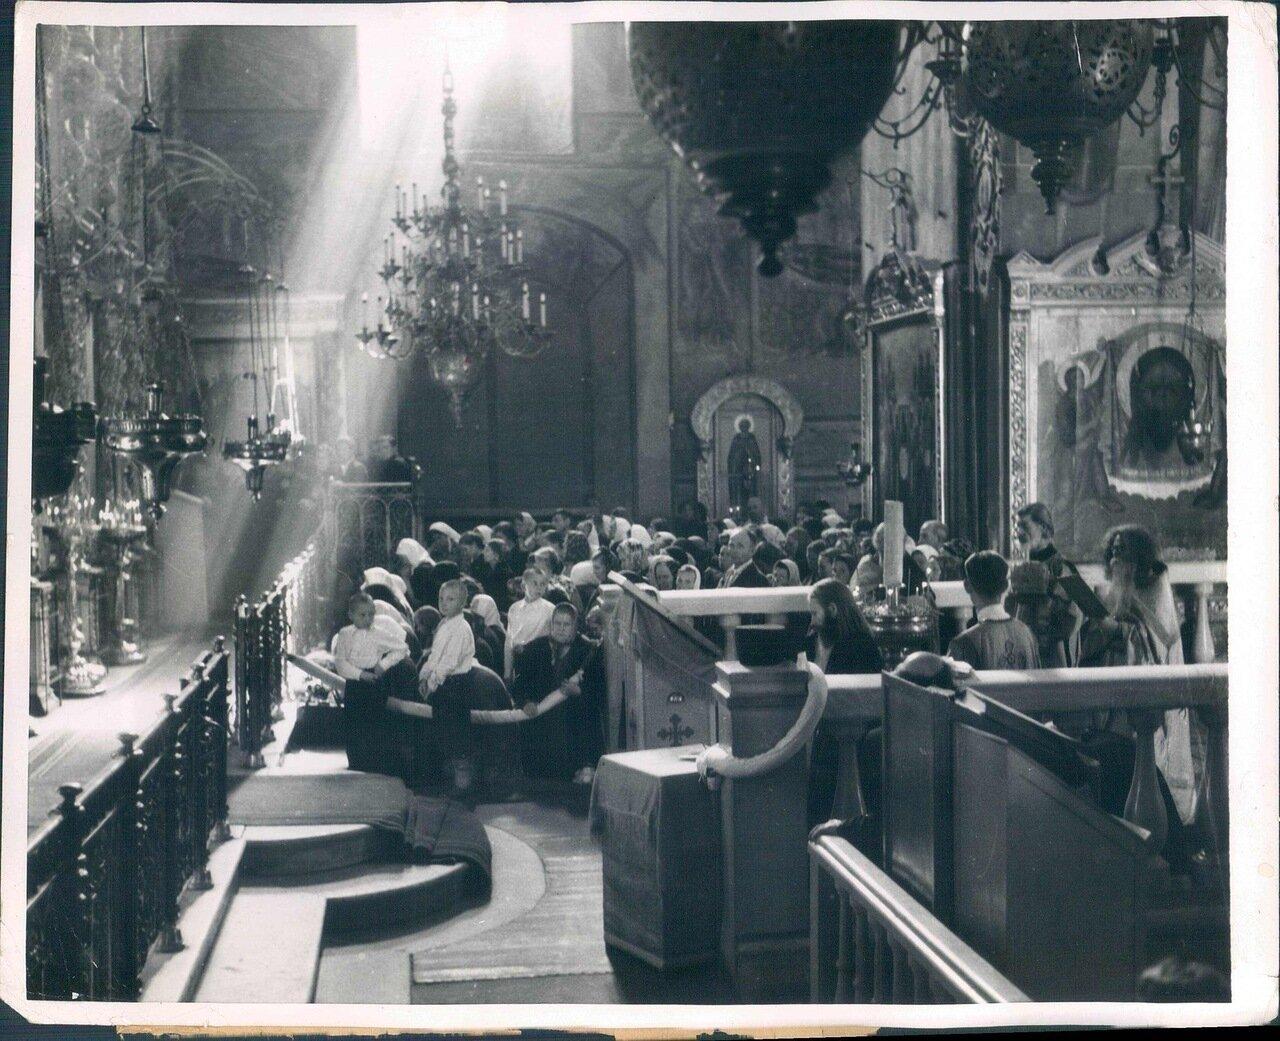 1955. 28.10. Религия в России. Церковь 14-го века